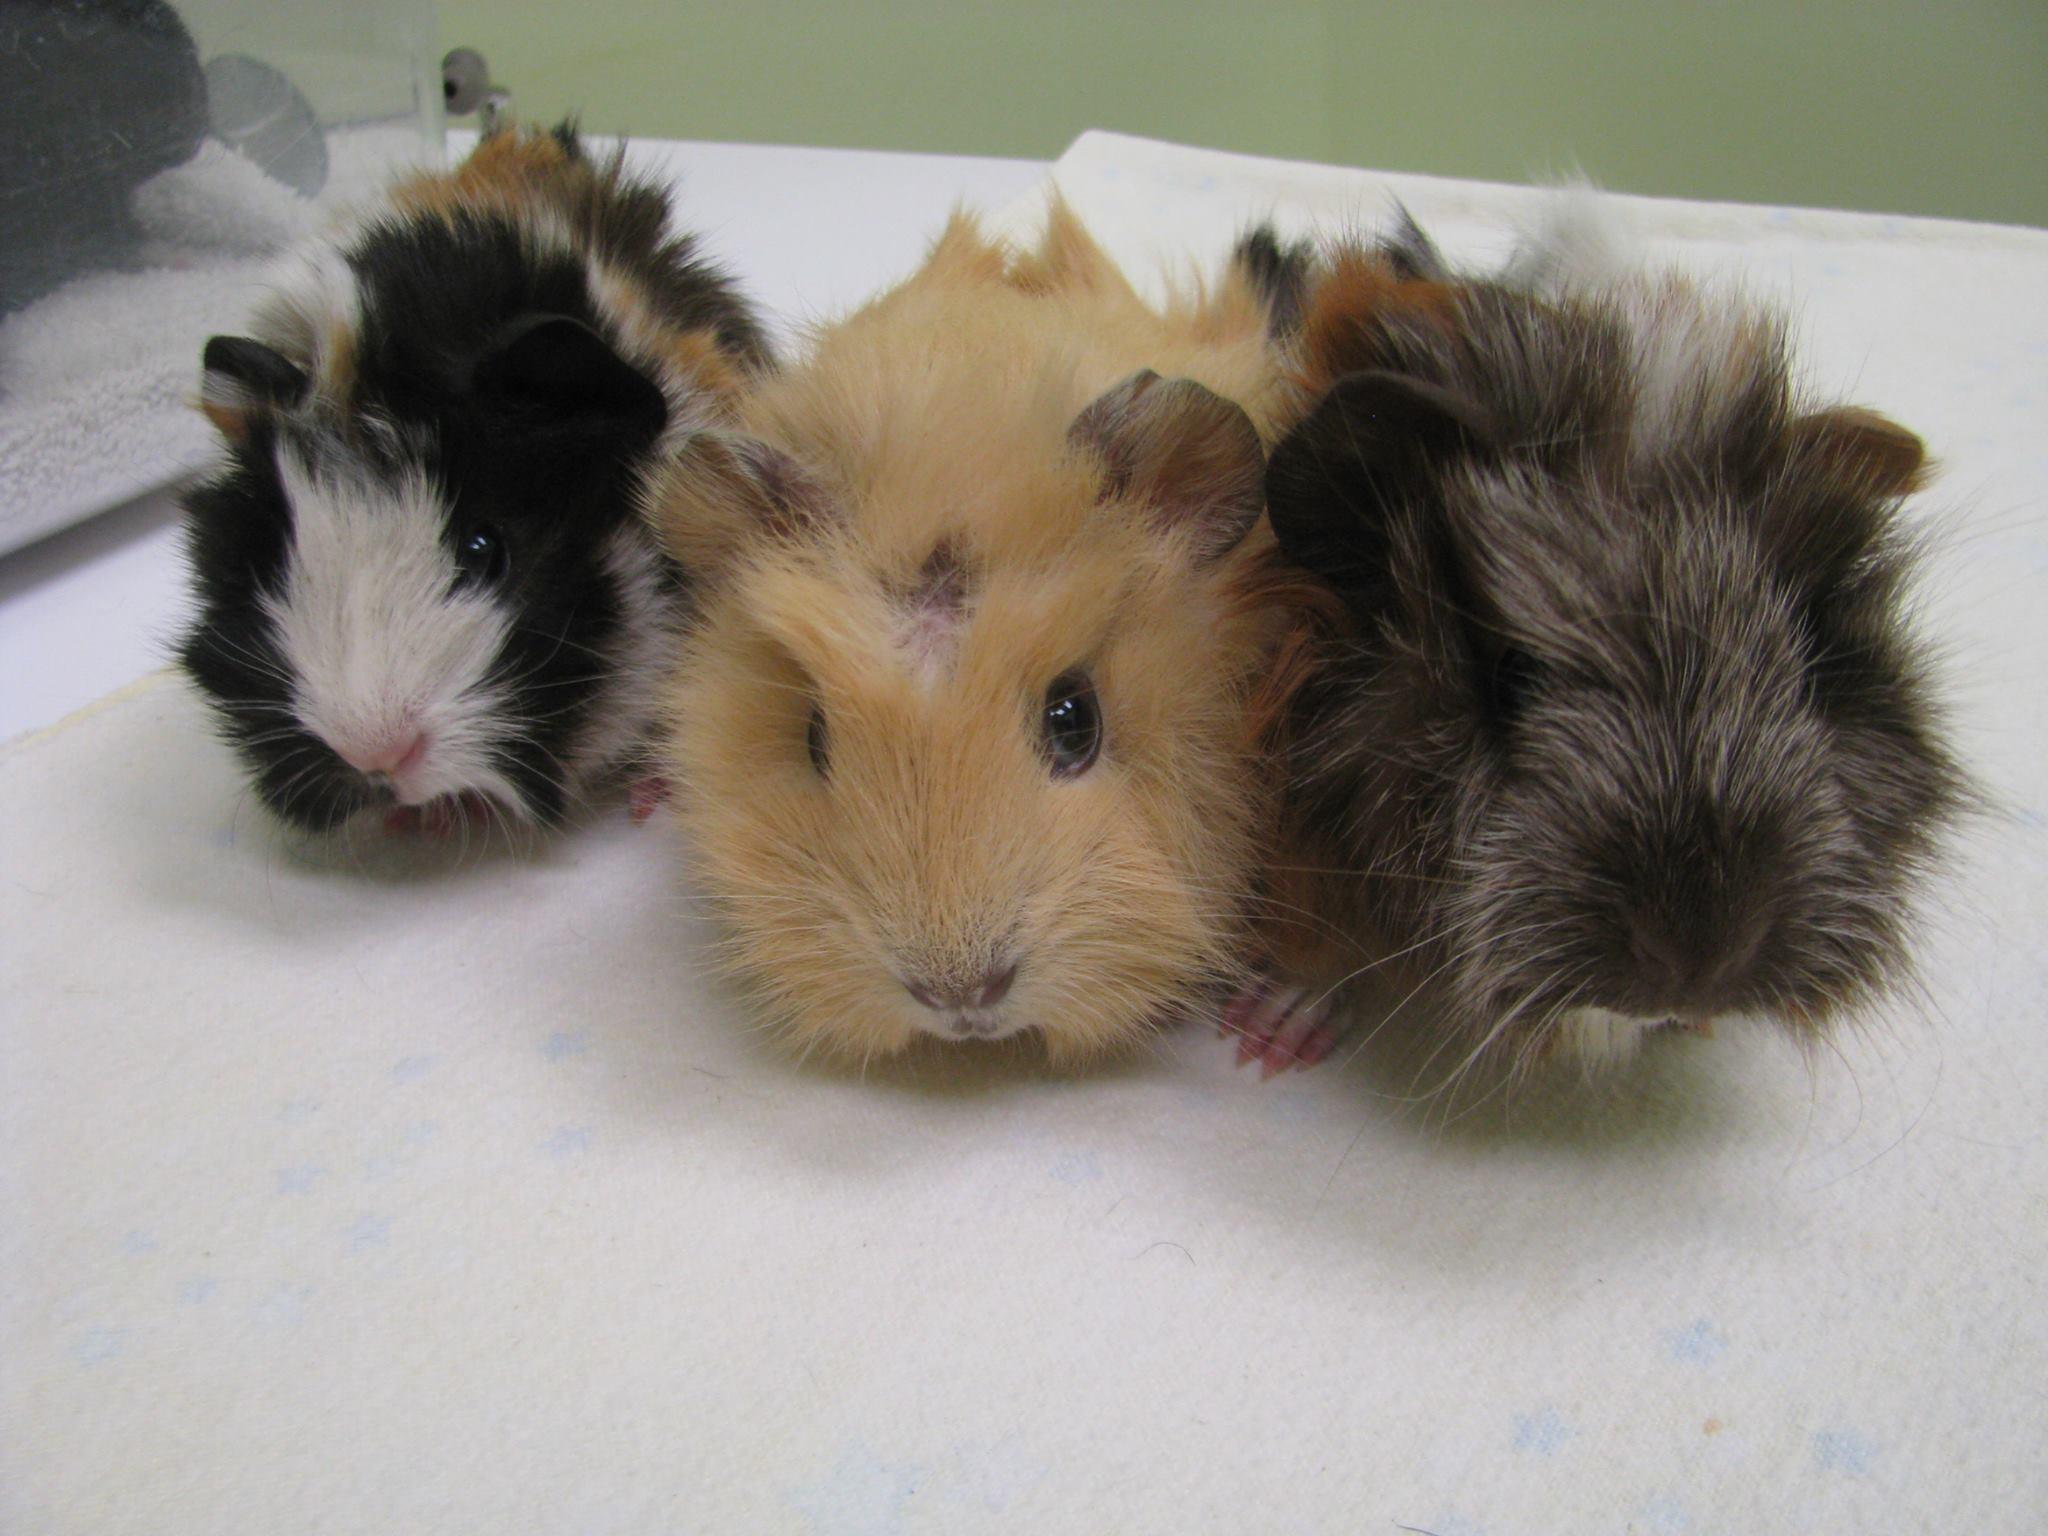 https://0901.nccdn.net/4_2/000/000/019/c2c/guinea-pigs-4.jpg